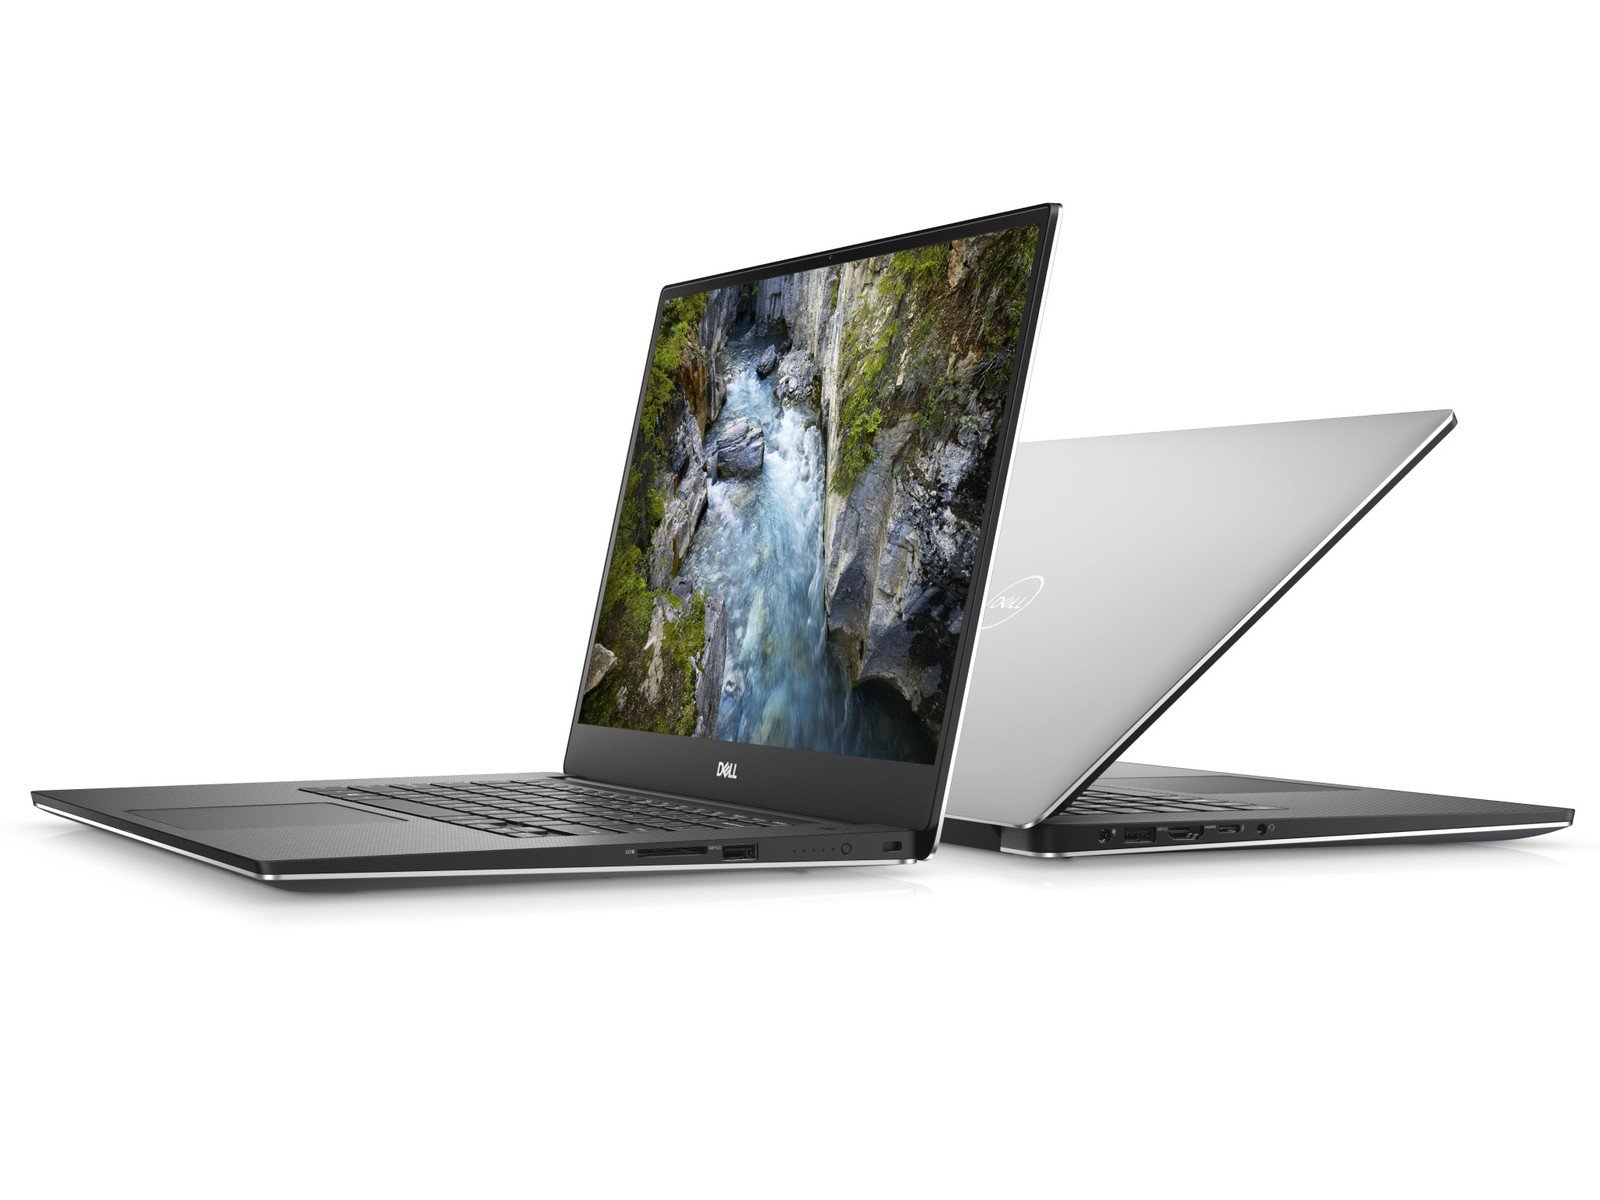 Dell ha messo usa uno splendido display OLED e un potentissimo Intel Core i9 nel nuovo Dell XPS 15 1